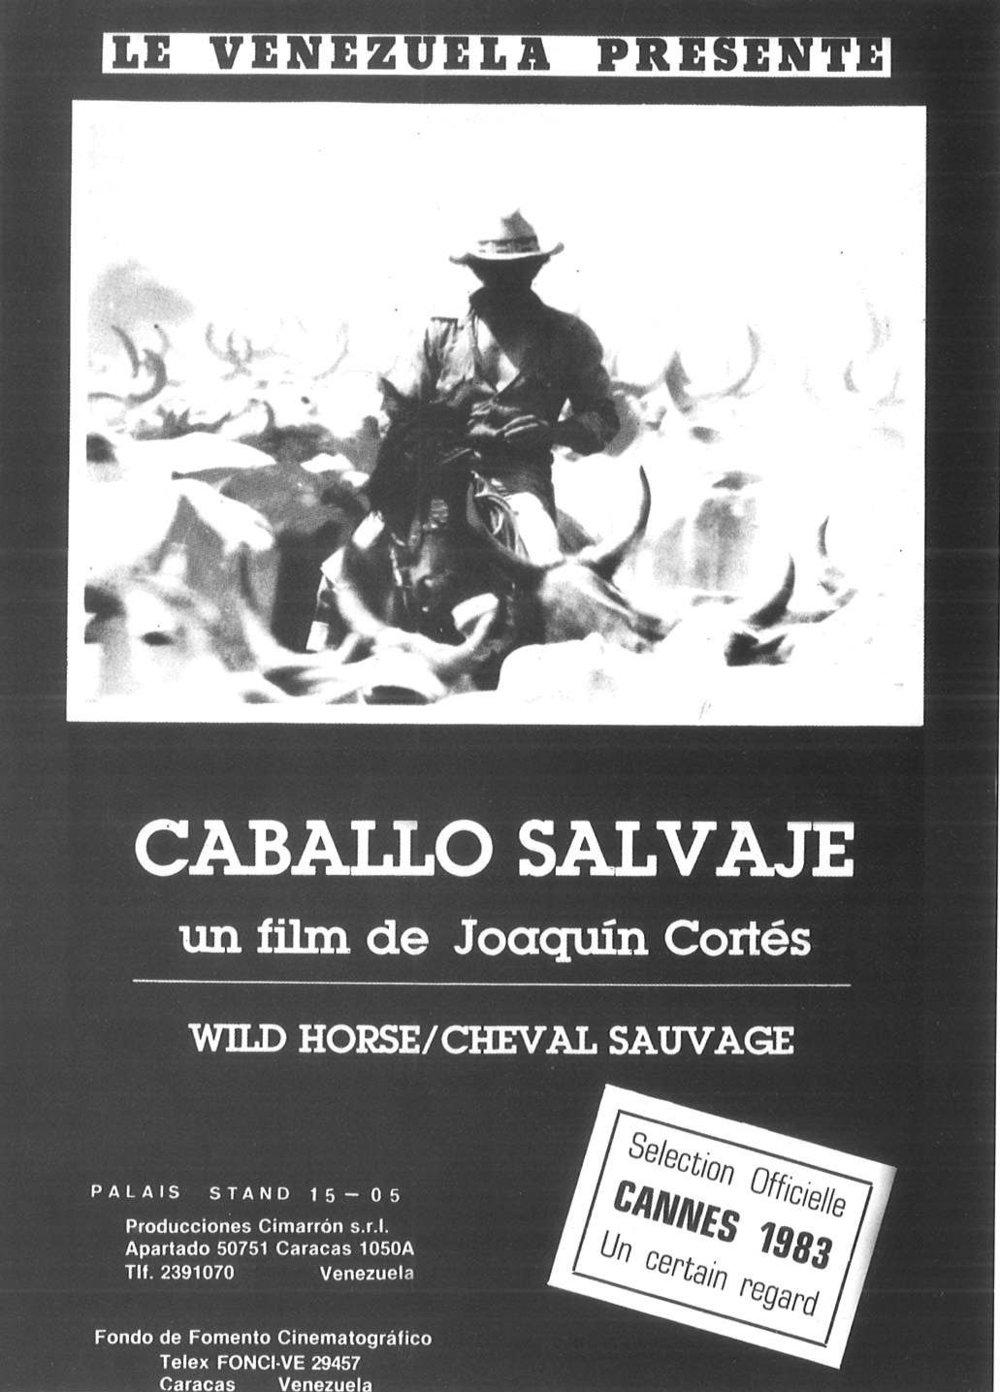 Aviso de  Caballo Salvaje  para el Festival de Cannes